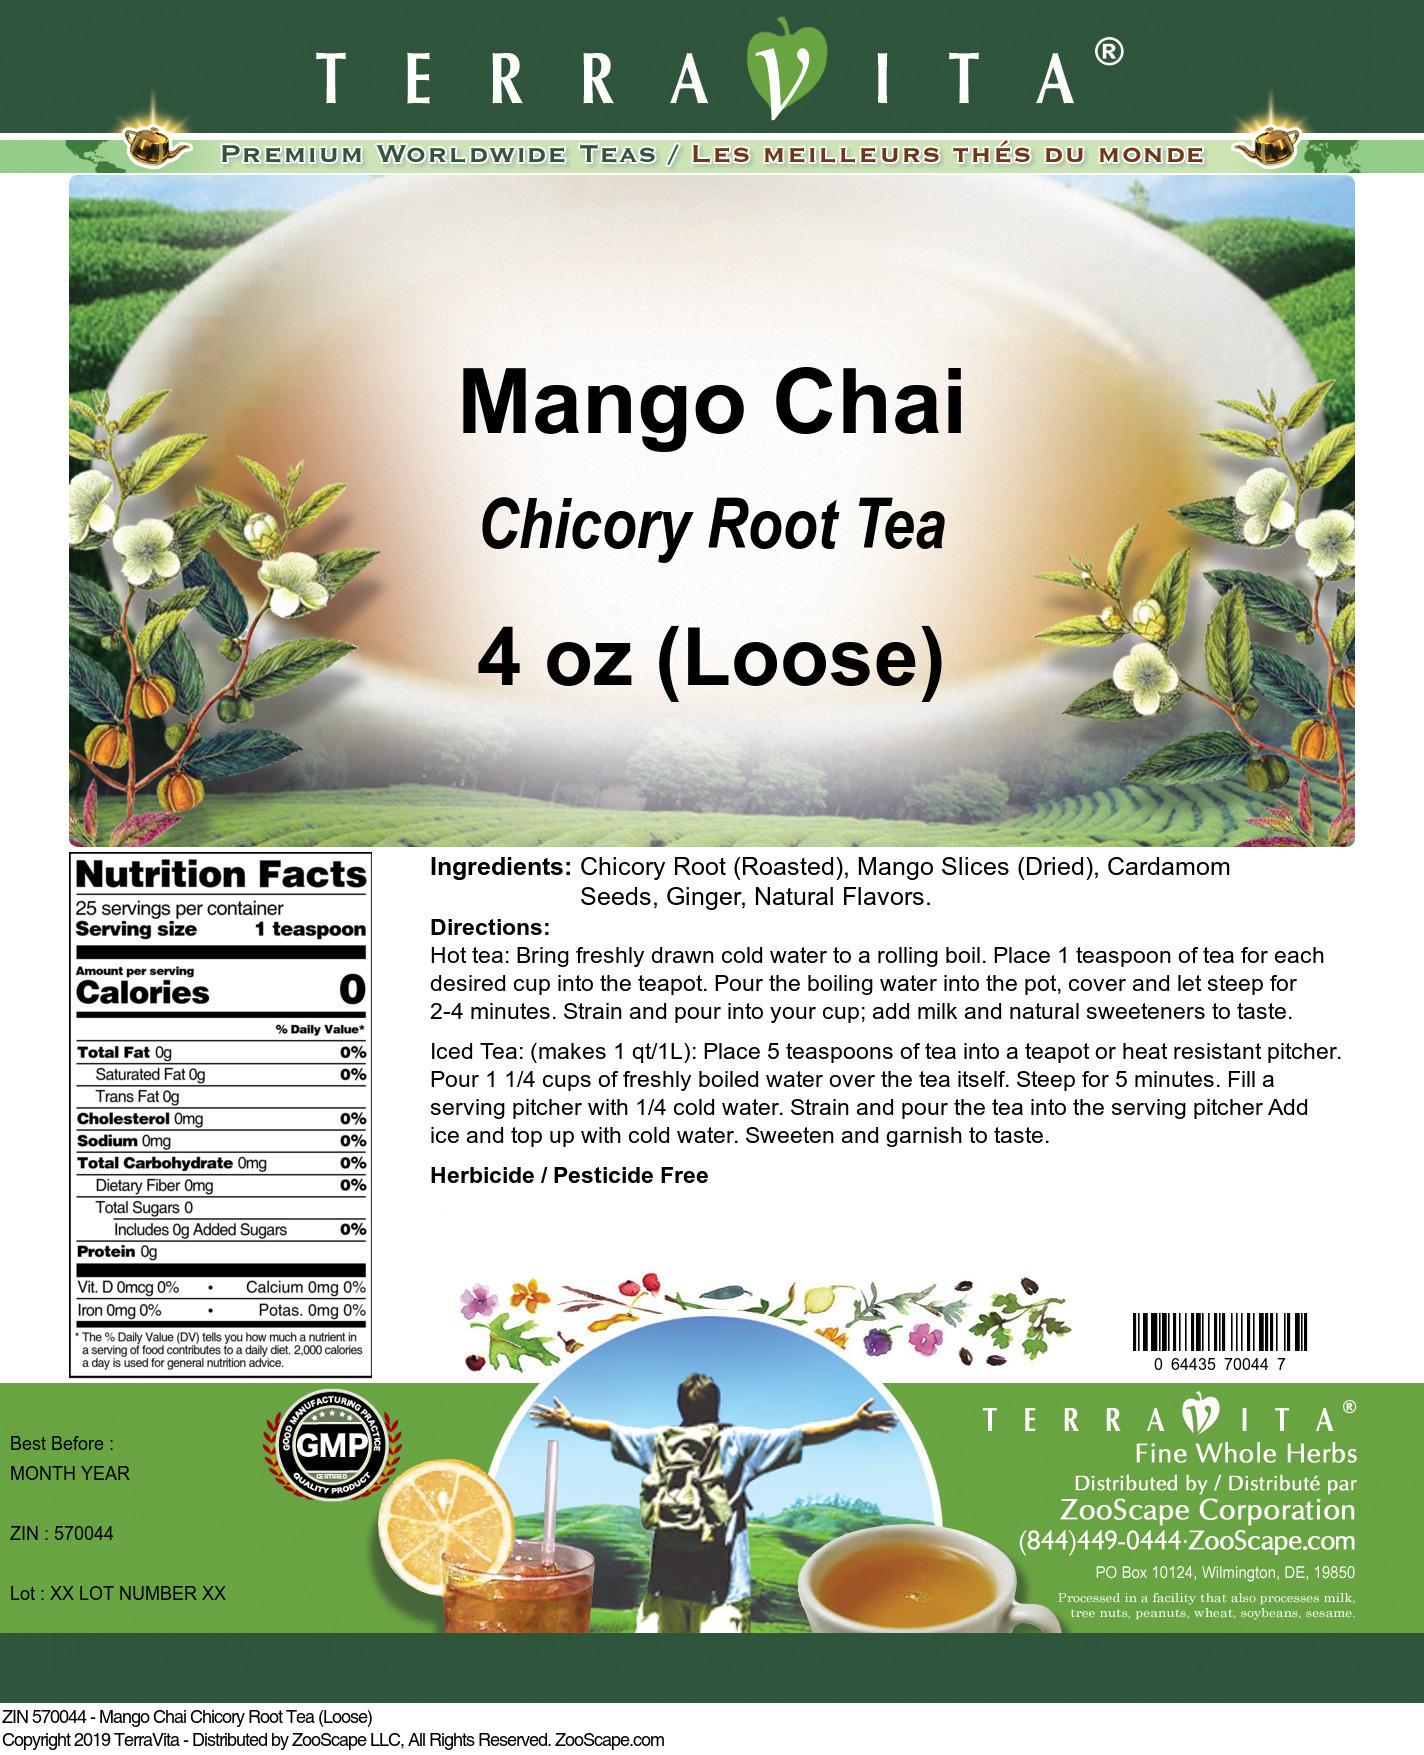 Mango Chai Chicory Root